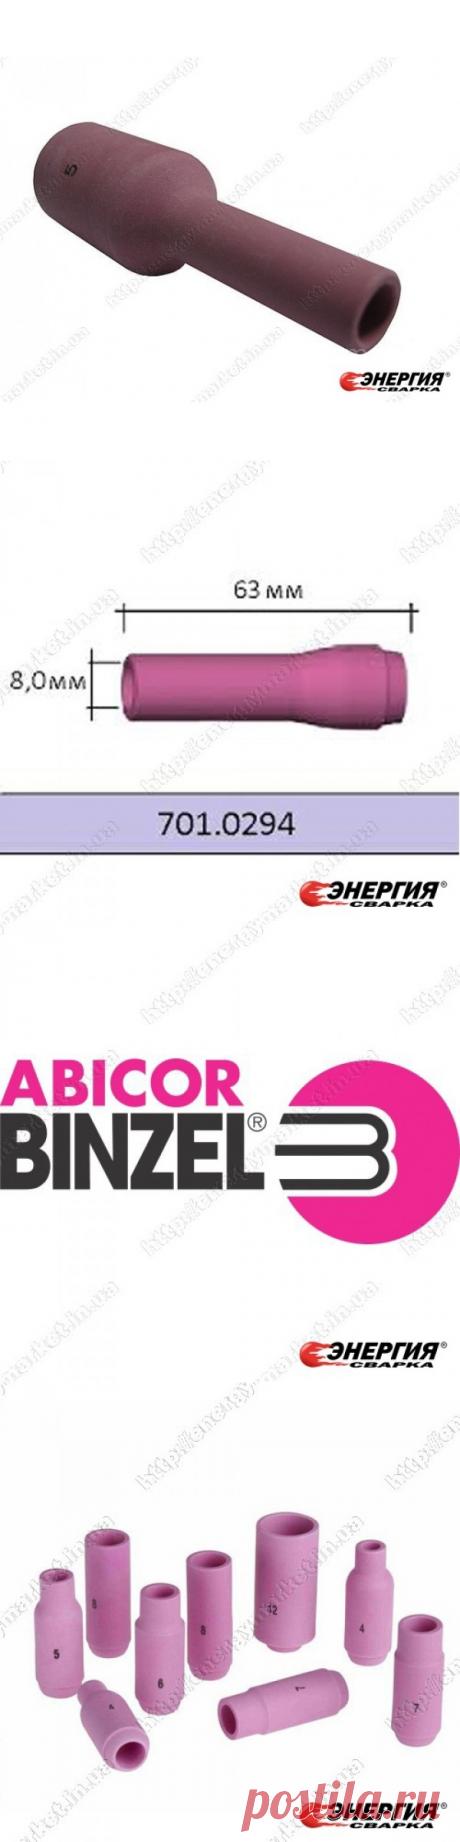 701.0294 Керамическое сопло № 5 (NW 8,0 мм / L 63,0 мм)  Abicor Binzel купить цена Украине